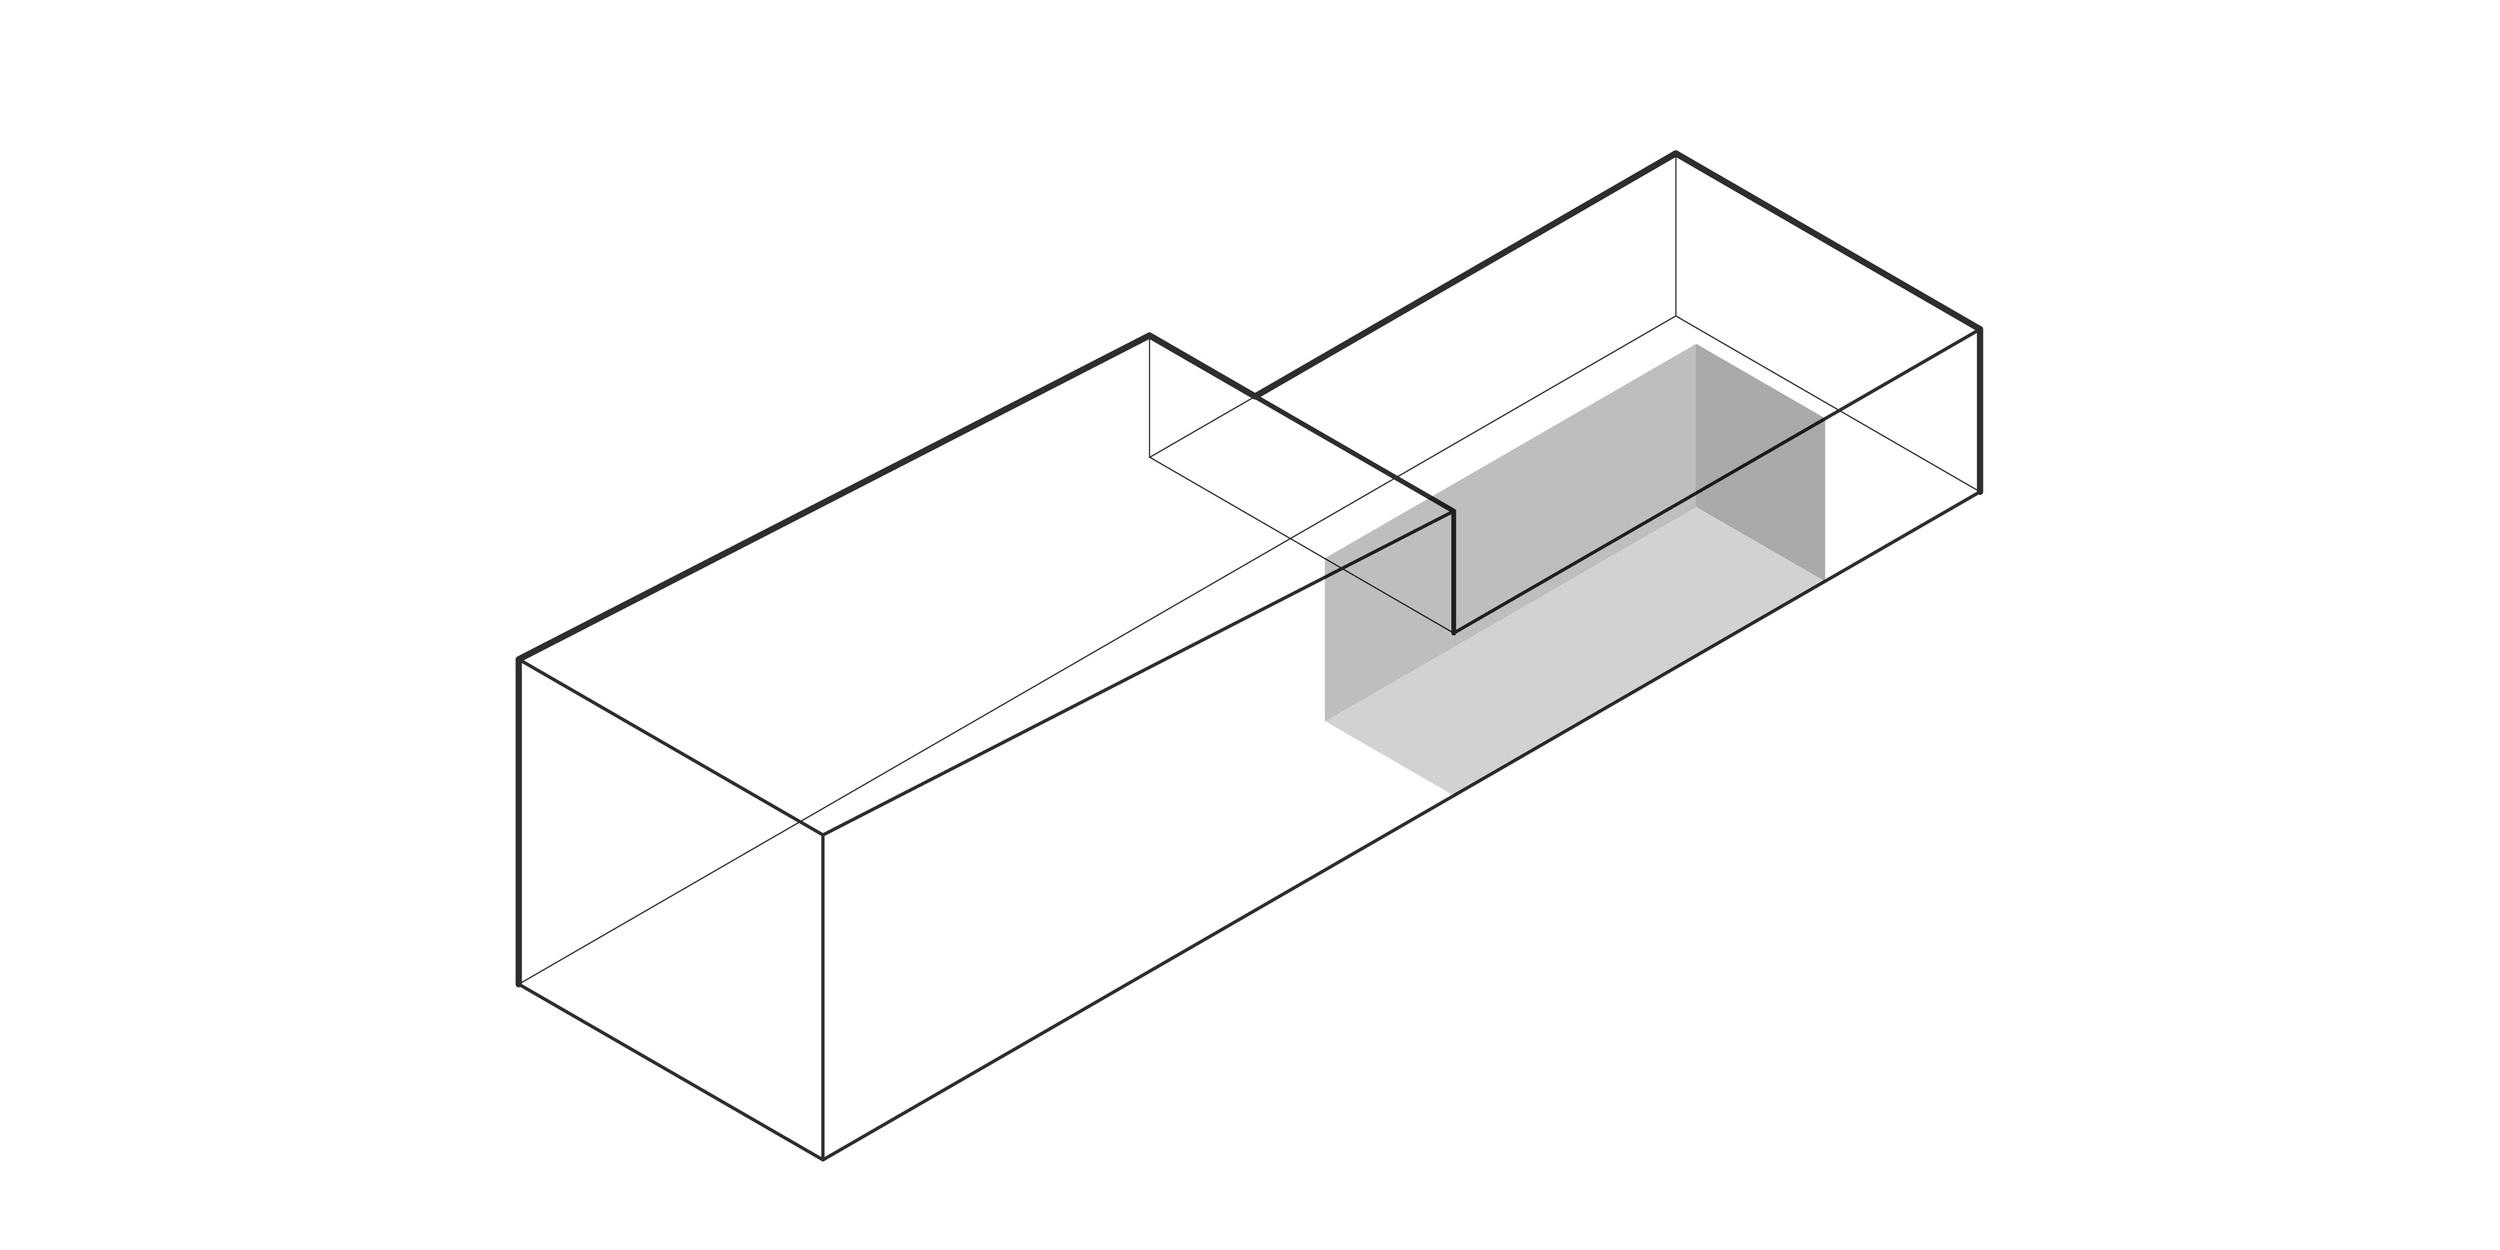 307_3rd-SD-160413-Diagram-04-01.jpg